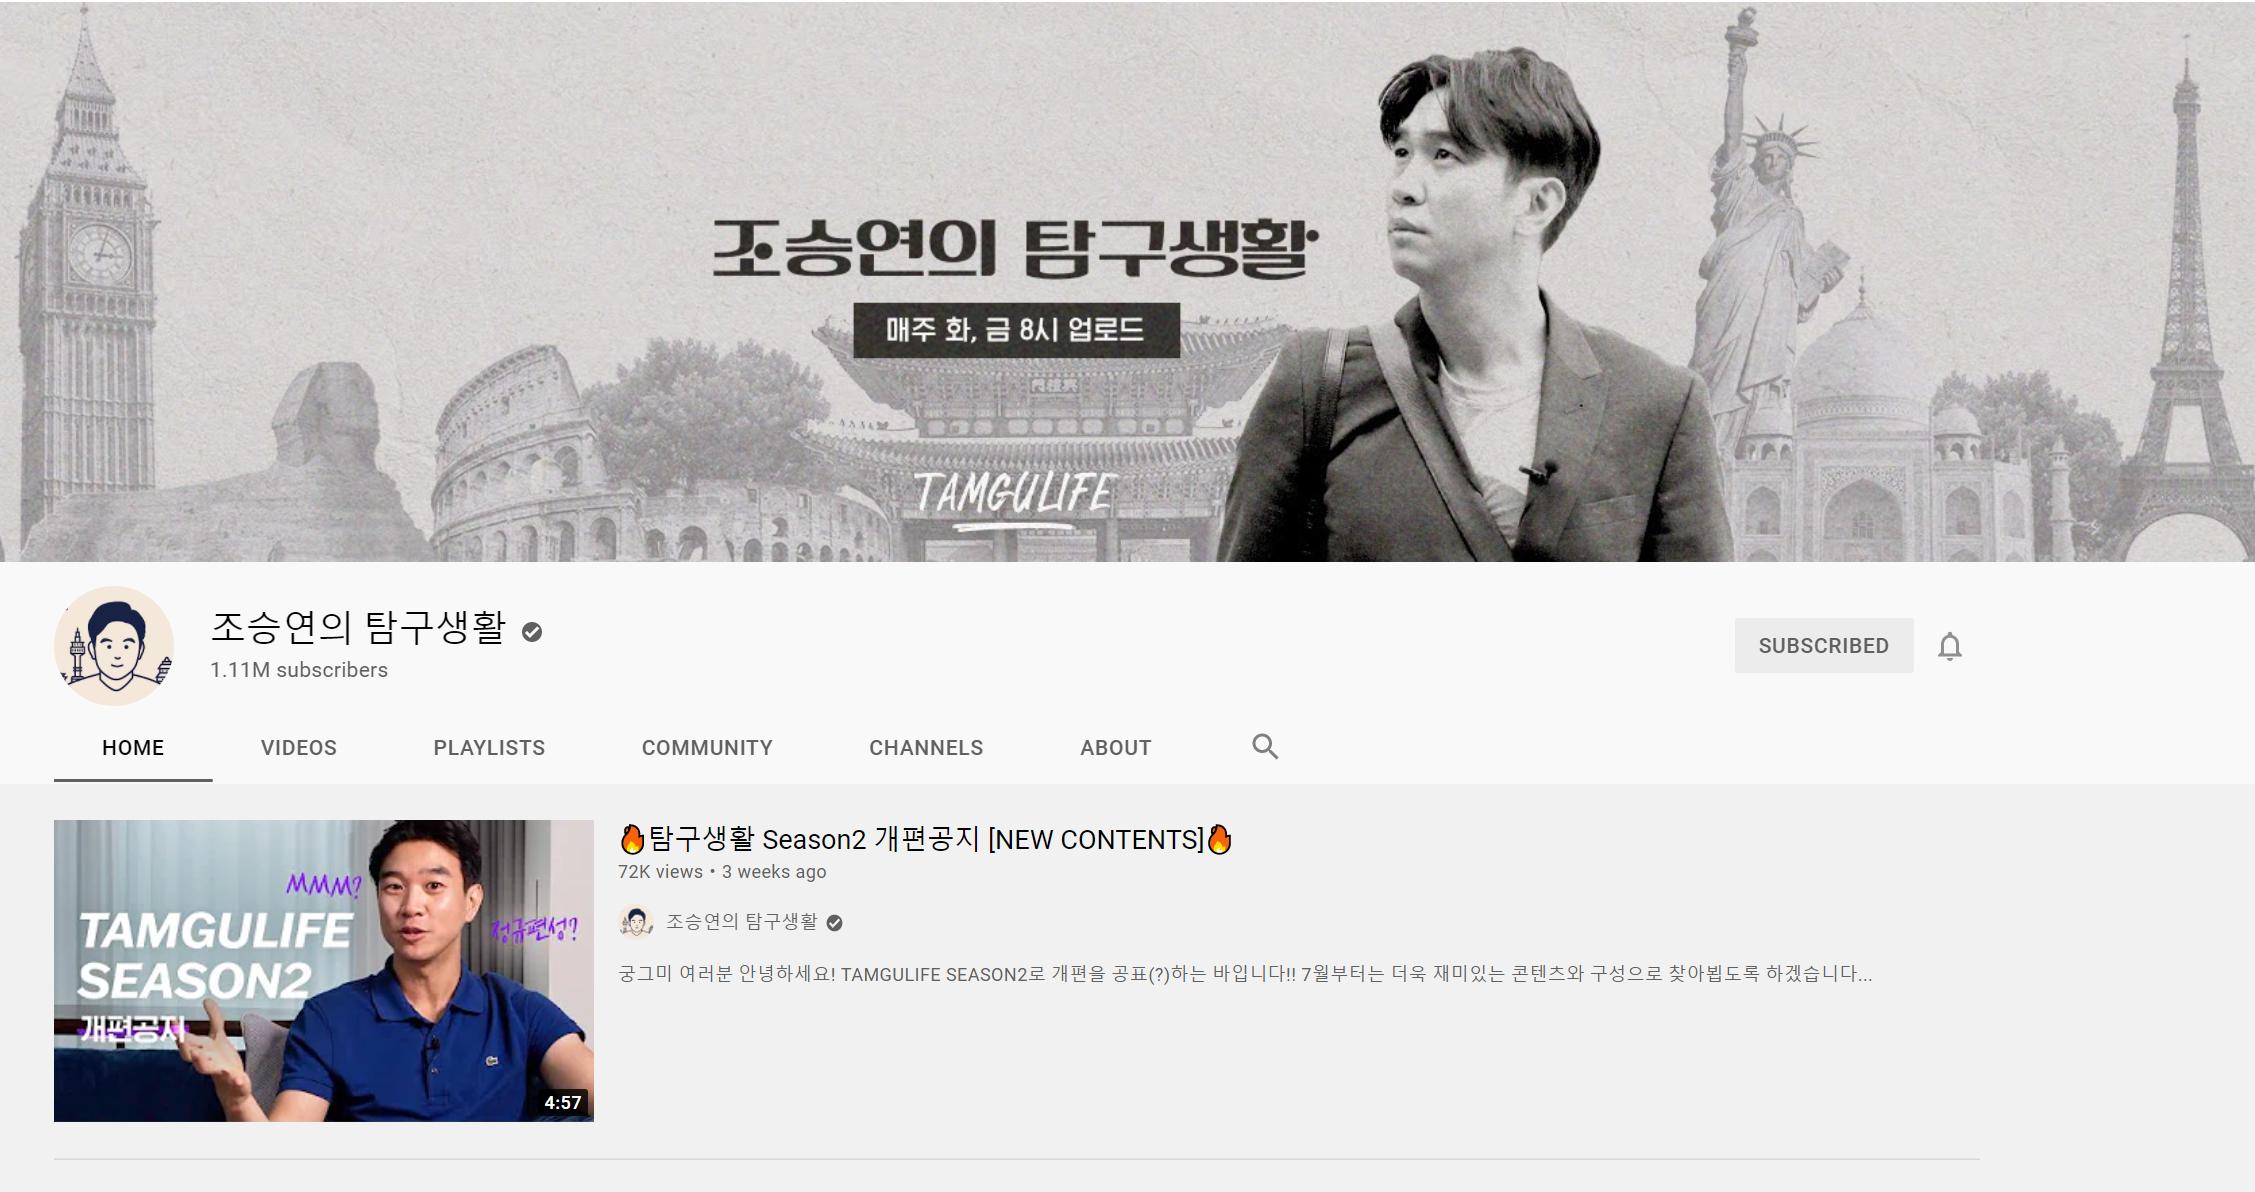 유투브 채널 추천 - 조승연의 탐구생활